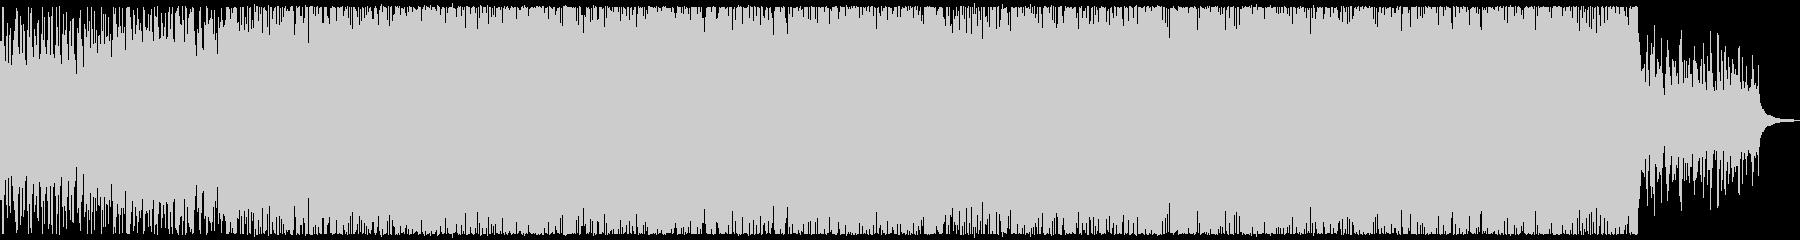 爽やかなアコースティック系ロックの未再生の波形